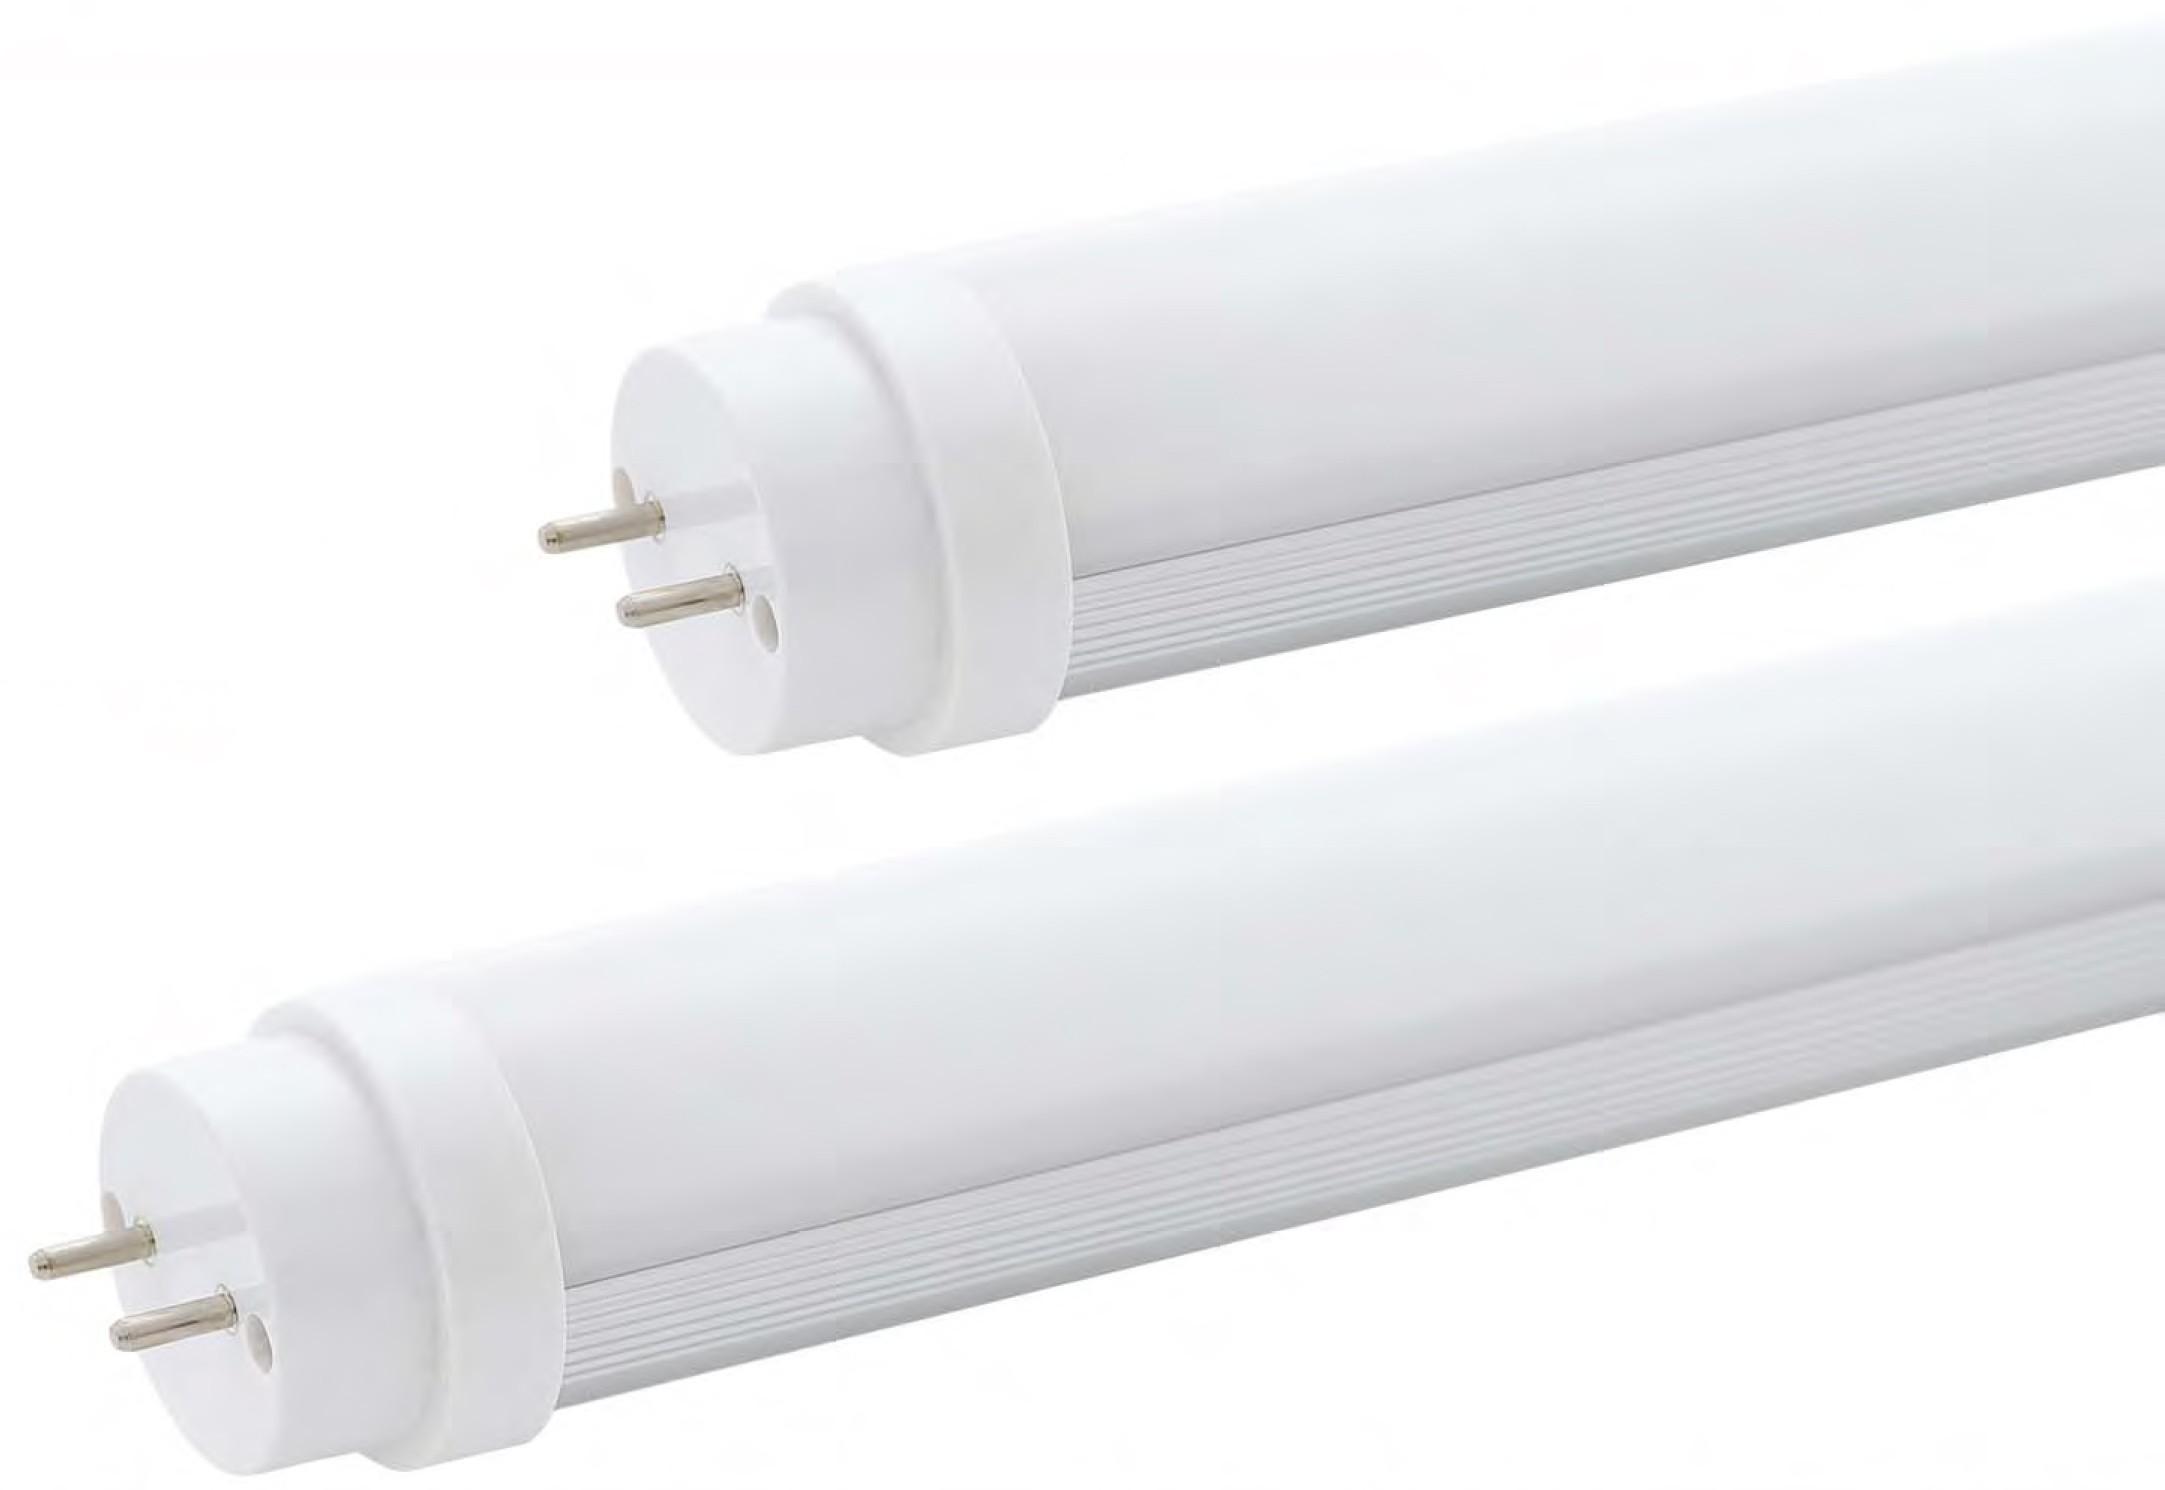 led t8 20w 4尺 灯管